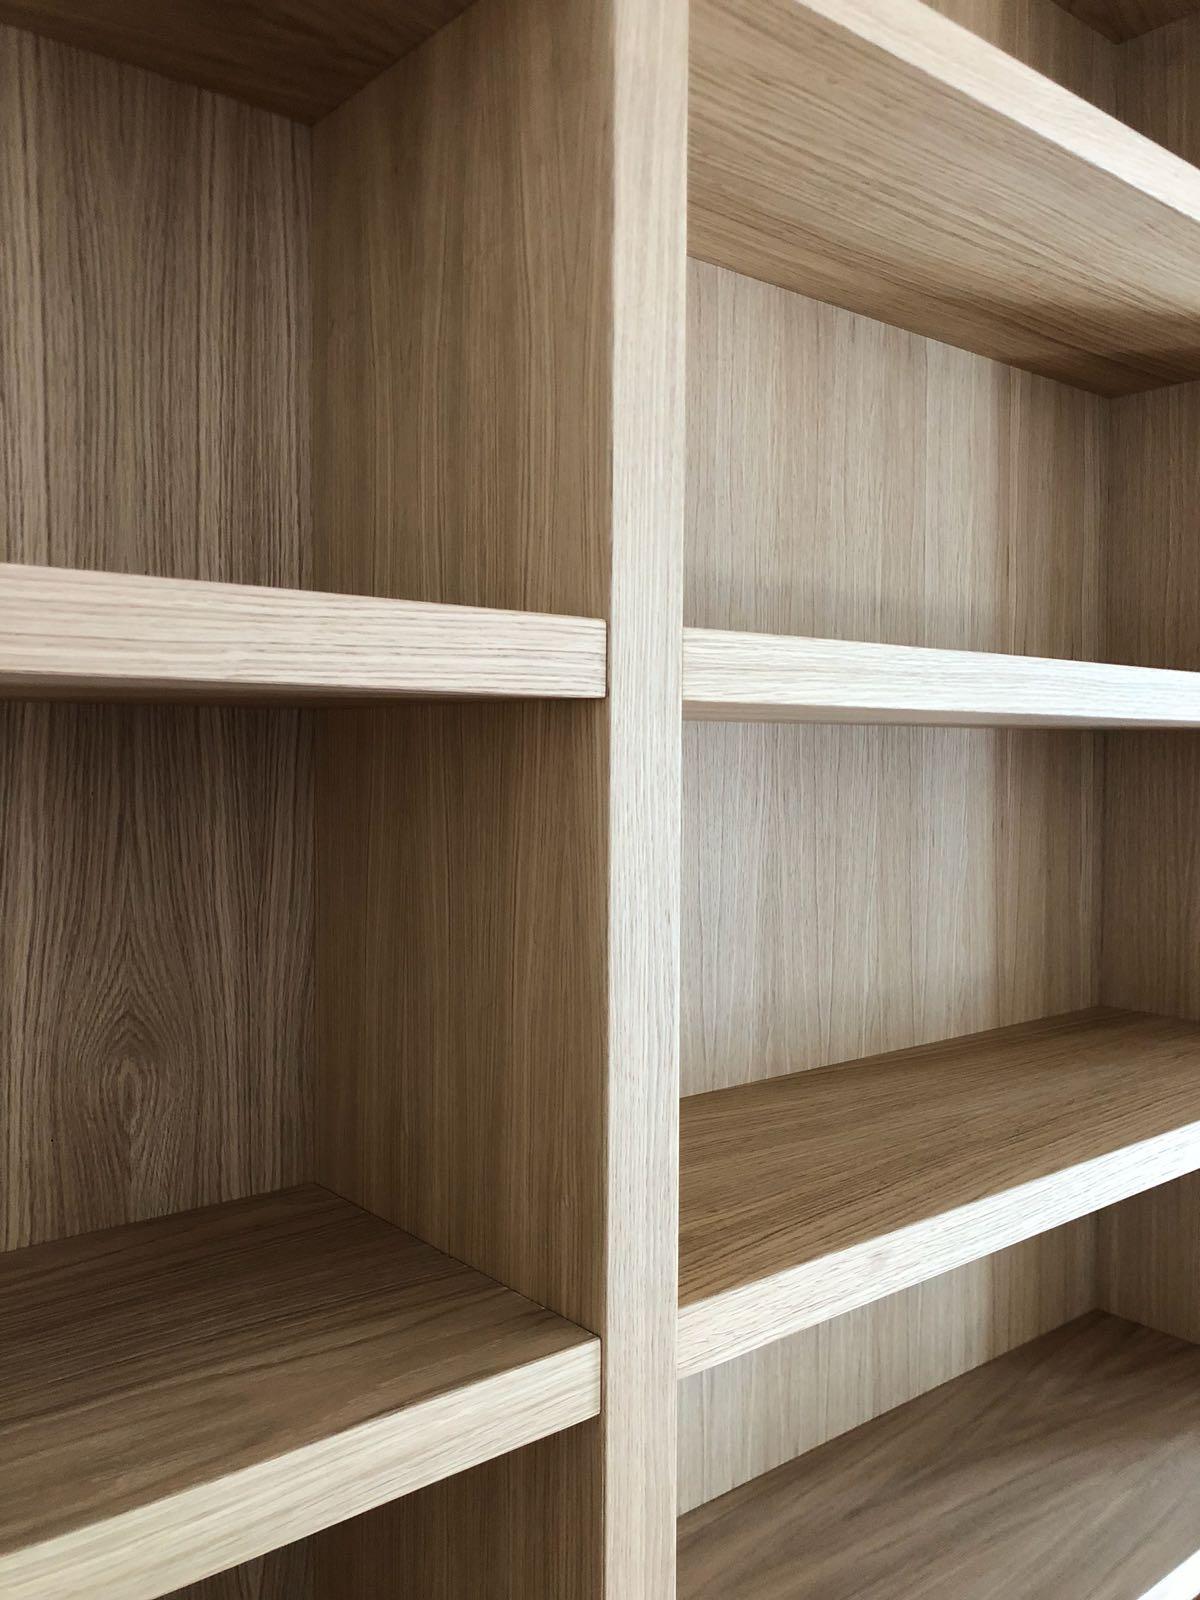 Legno Online Su Misura librerie su misura roma - librerie solide e fatte bene in